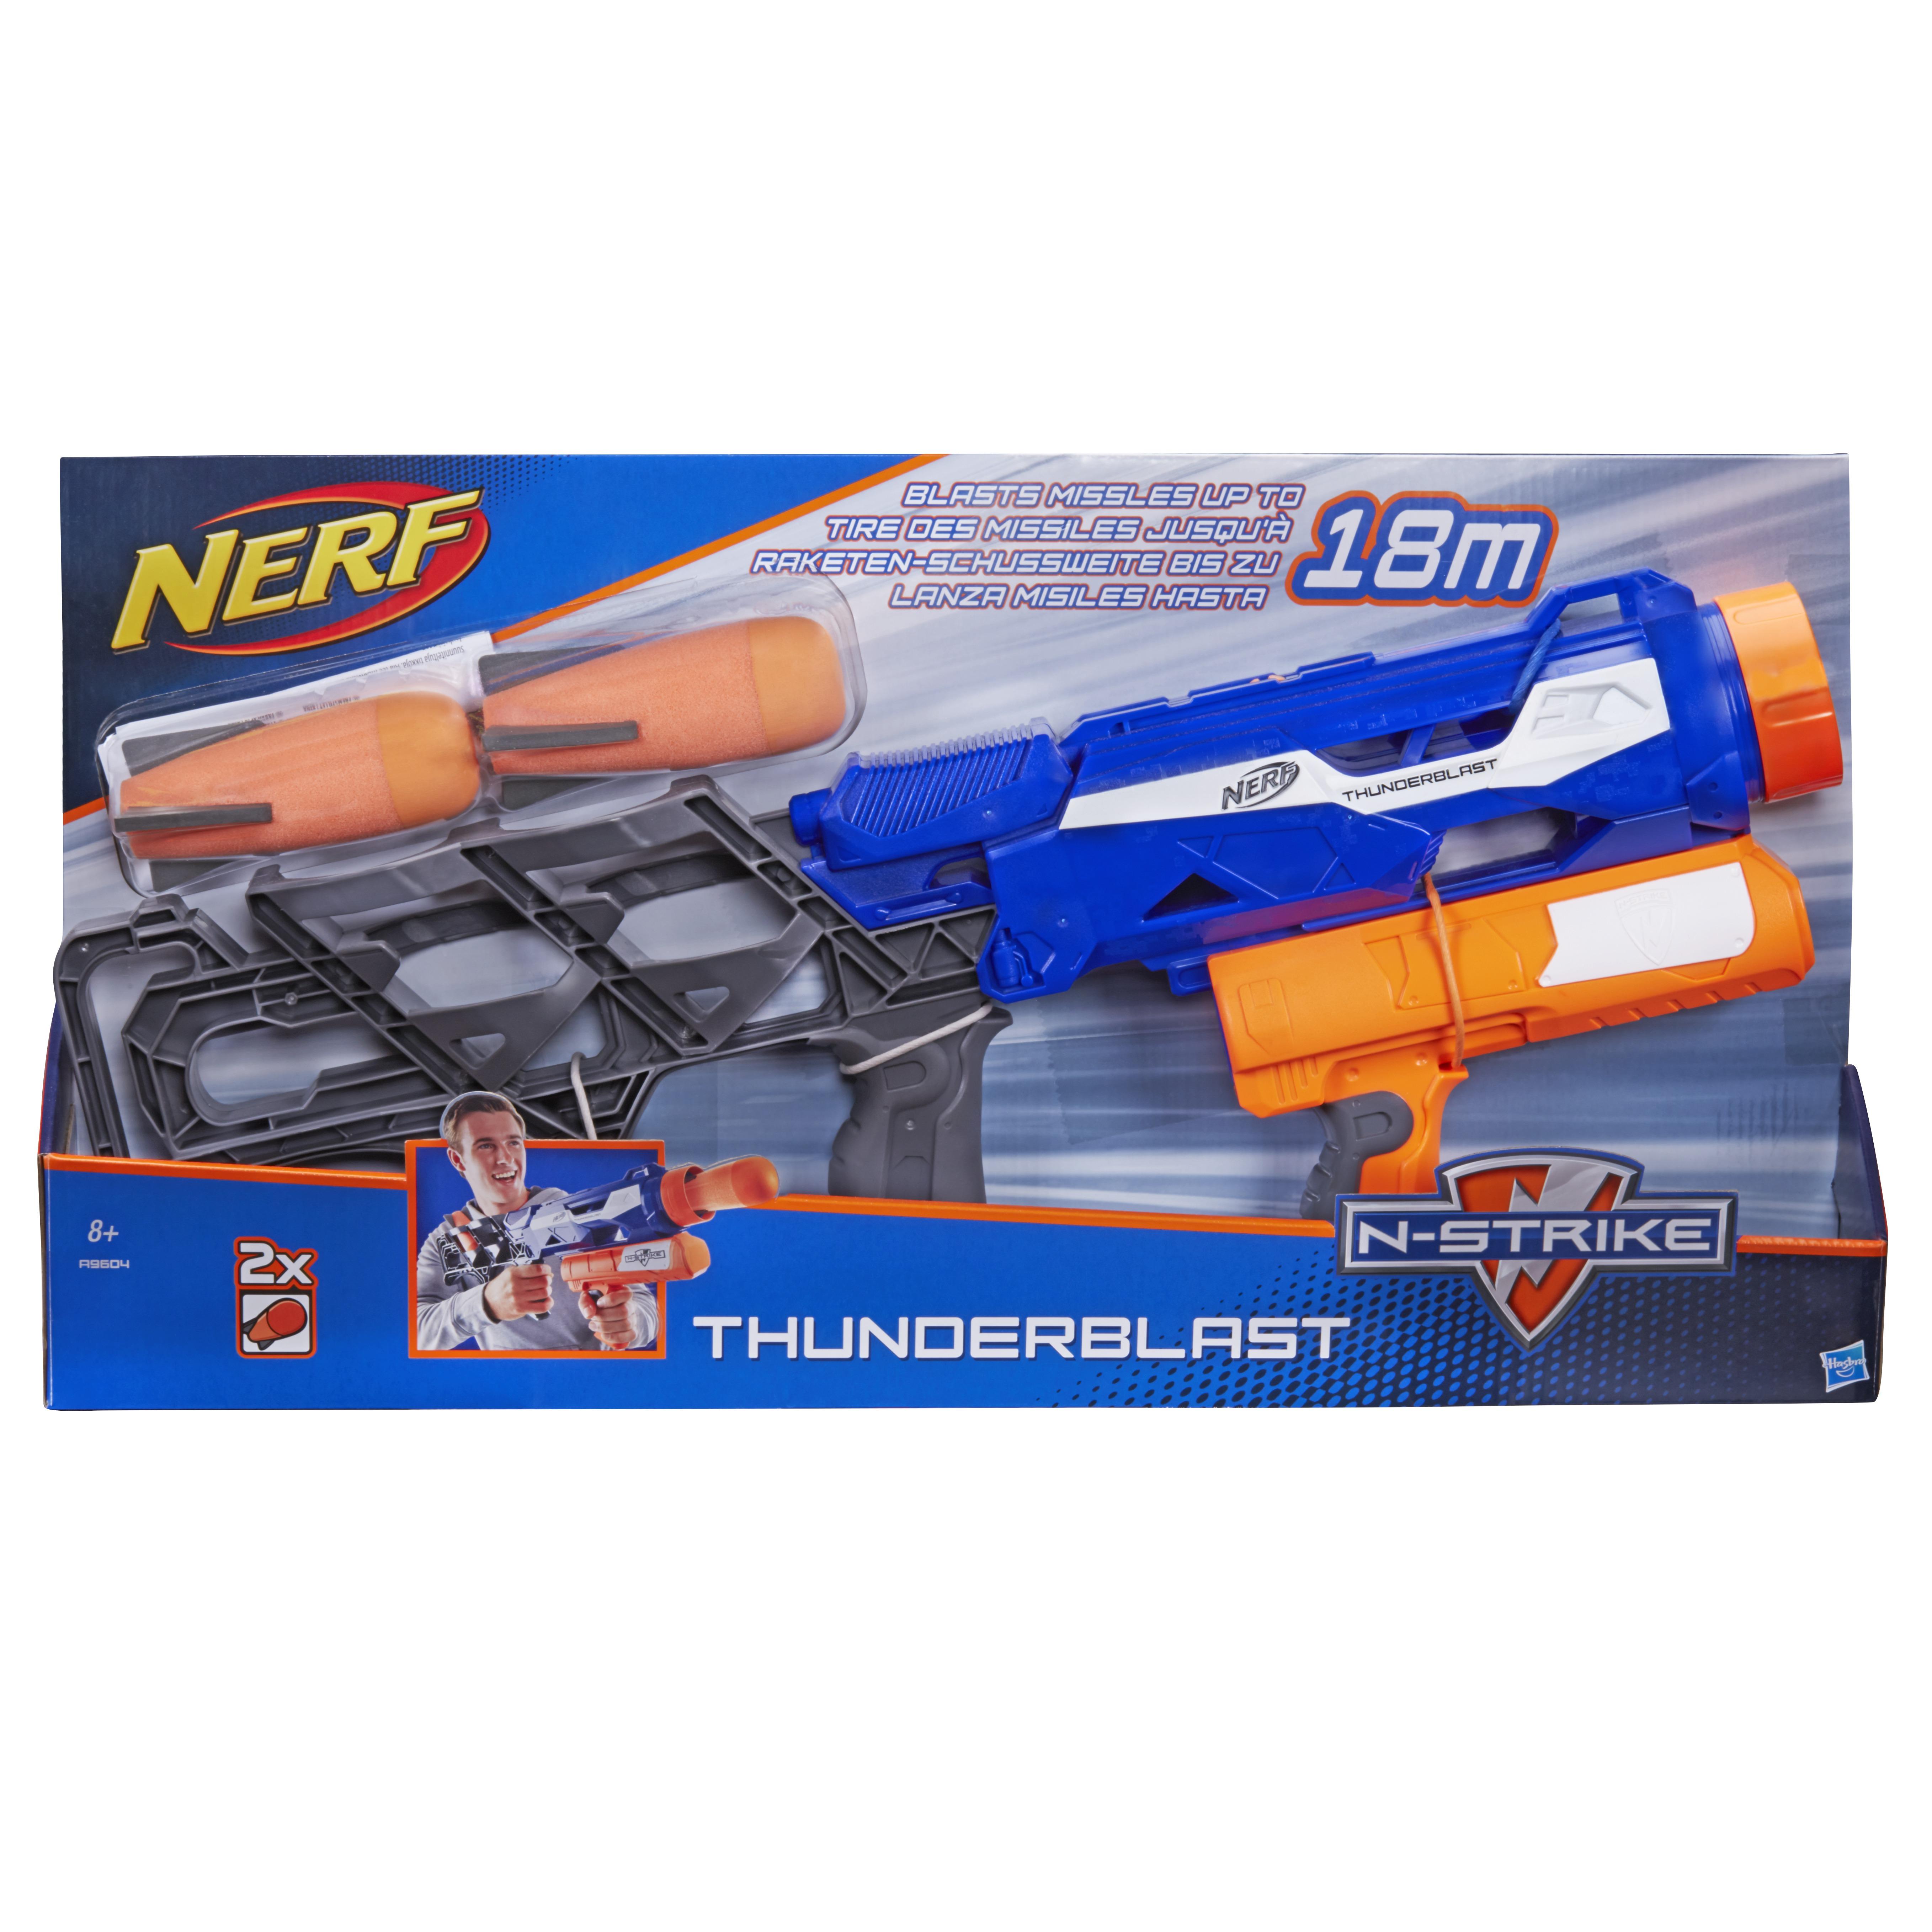 Image is loading Hasbro-Nerf-N-Strike-Thunderblast-with-2-Foam-